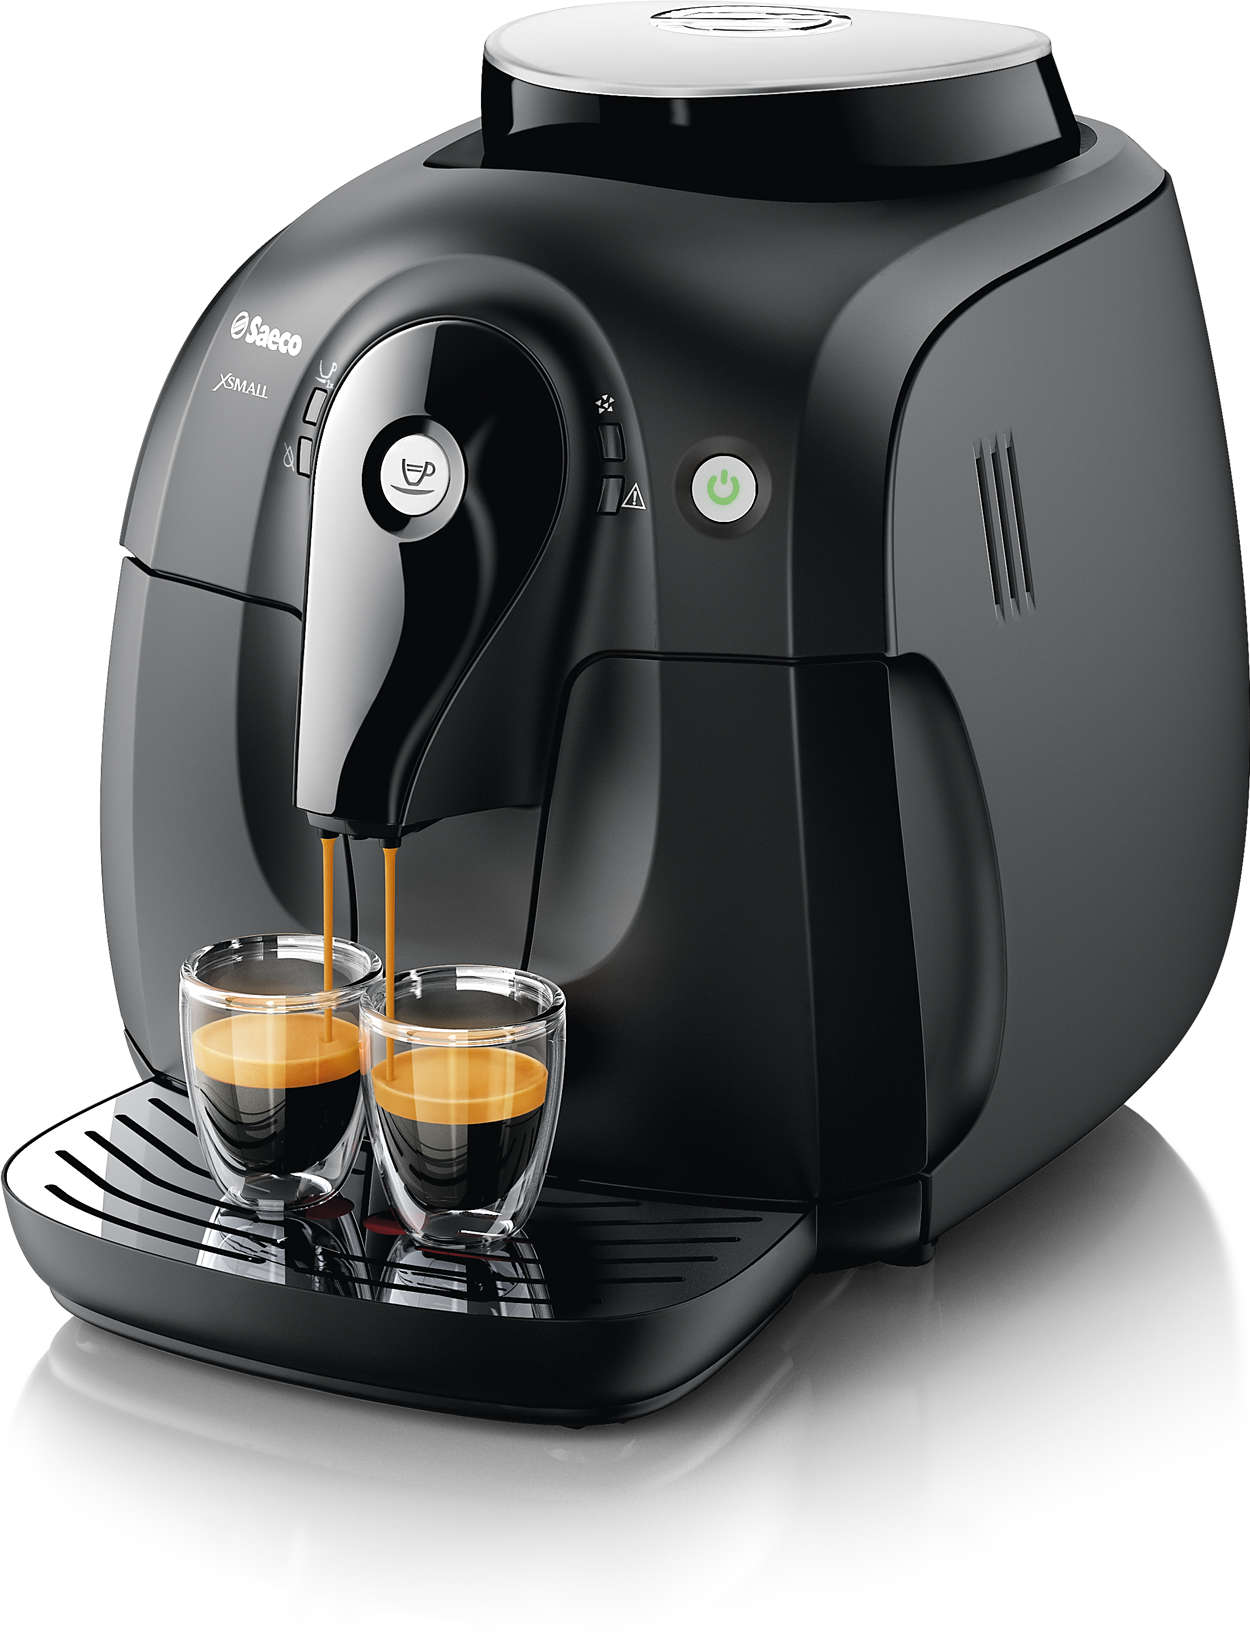 Proef het aroma van uw favoriete koffiebonen